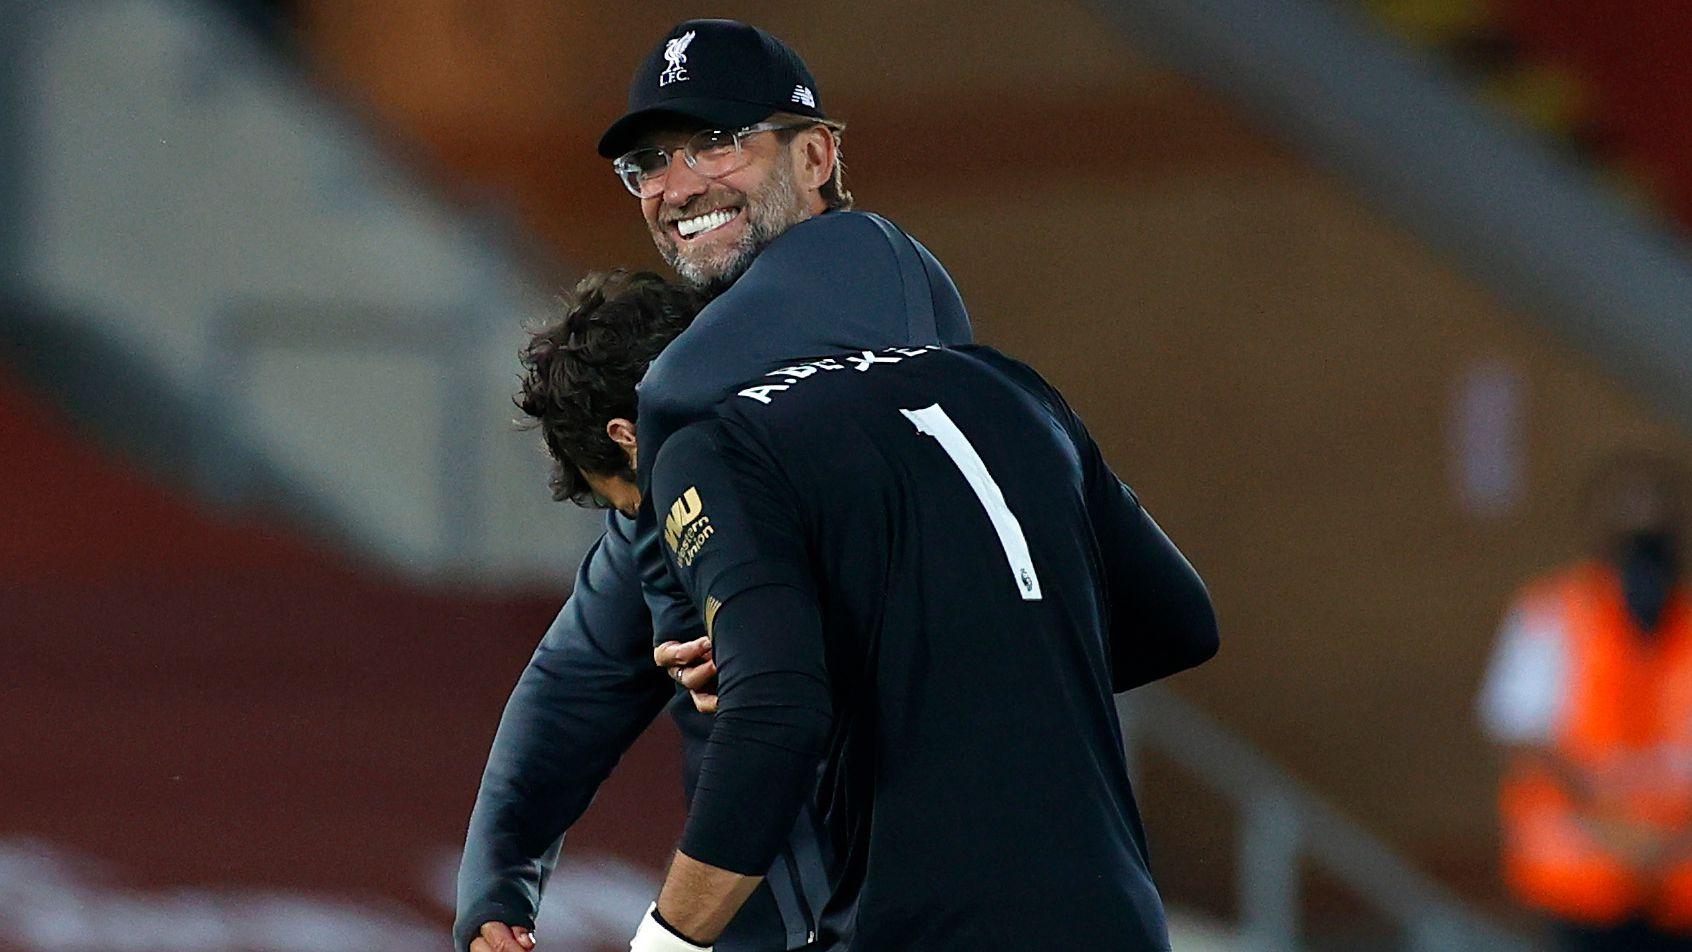 Liverpool breaks 30-year title drought by winning Premier League